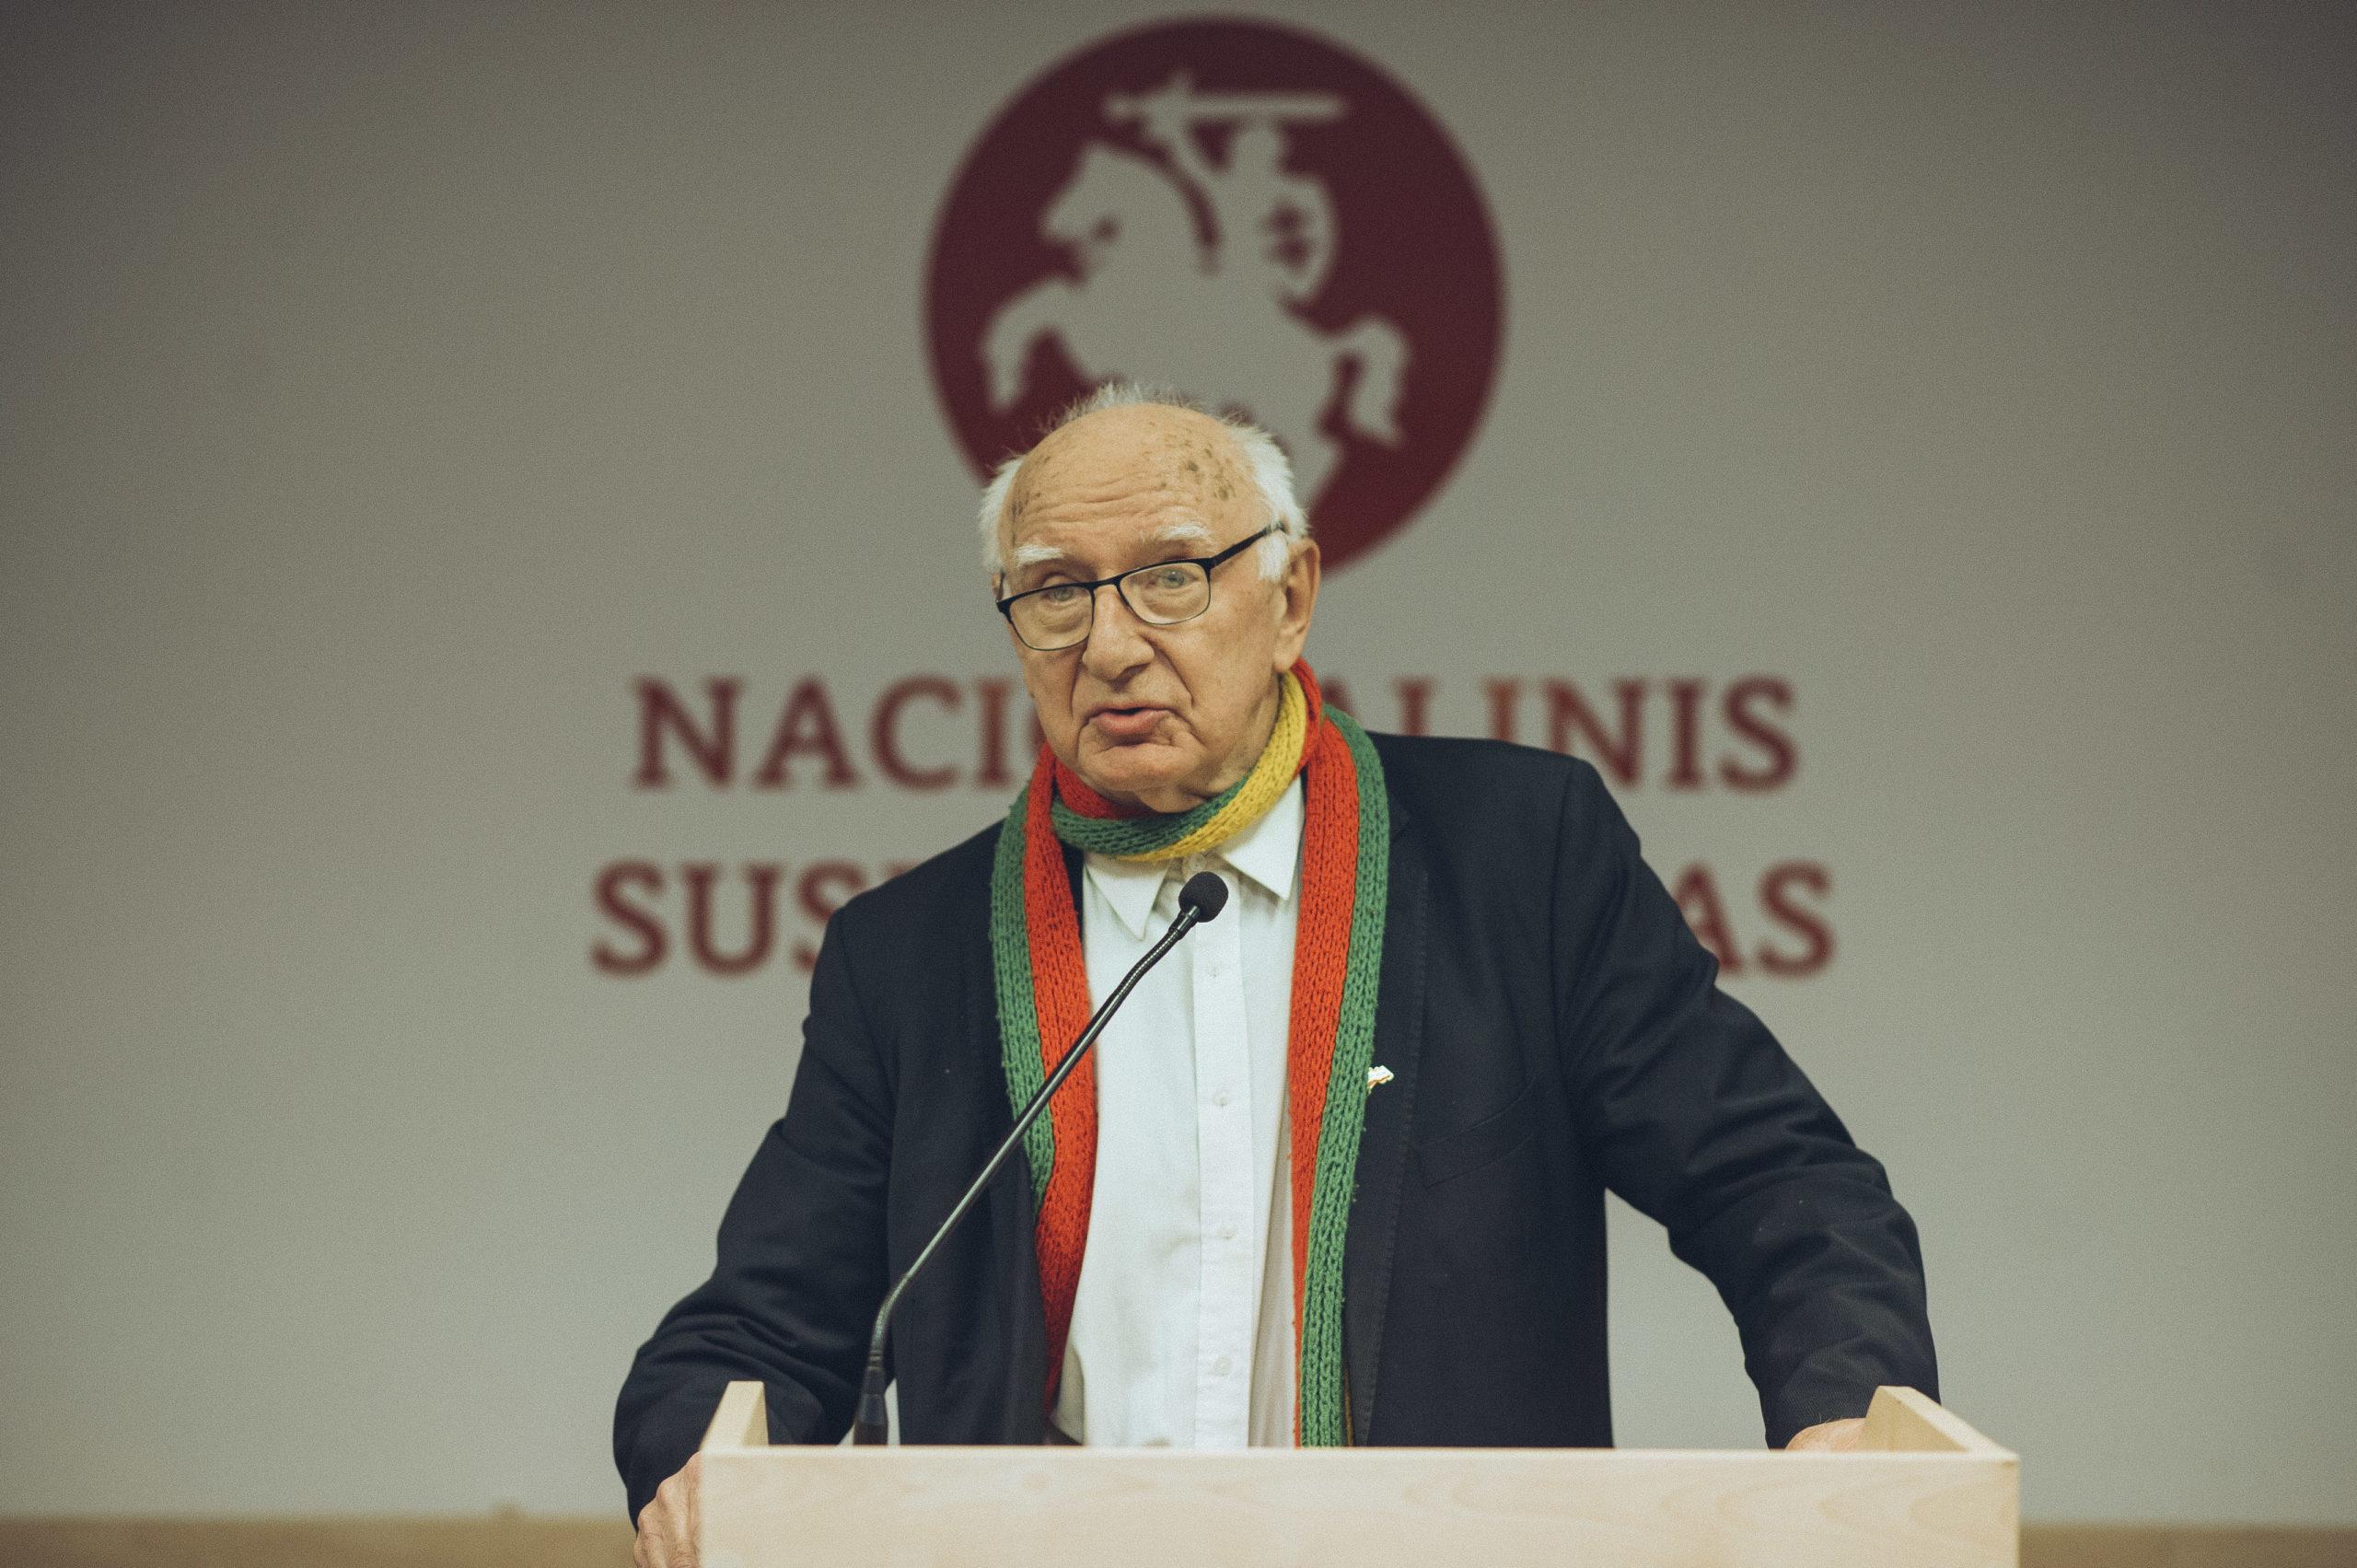 Prof. Romas Pakalnis